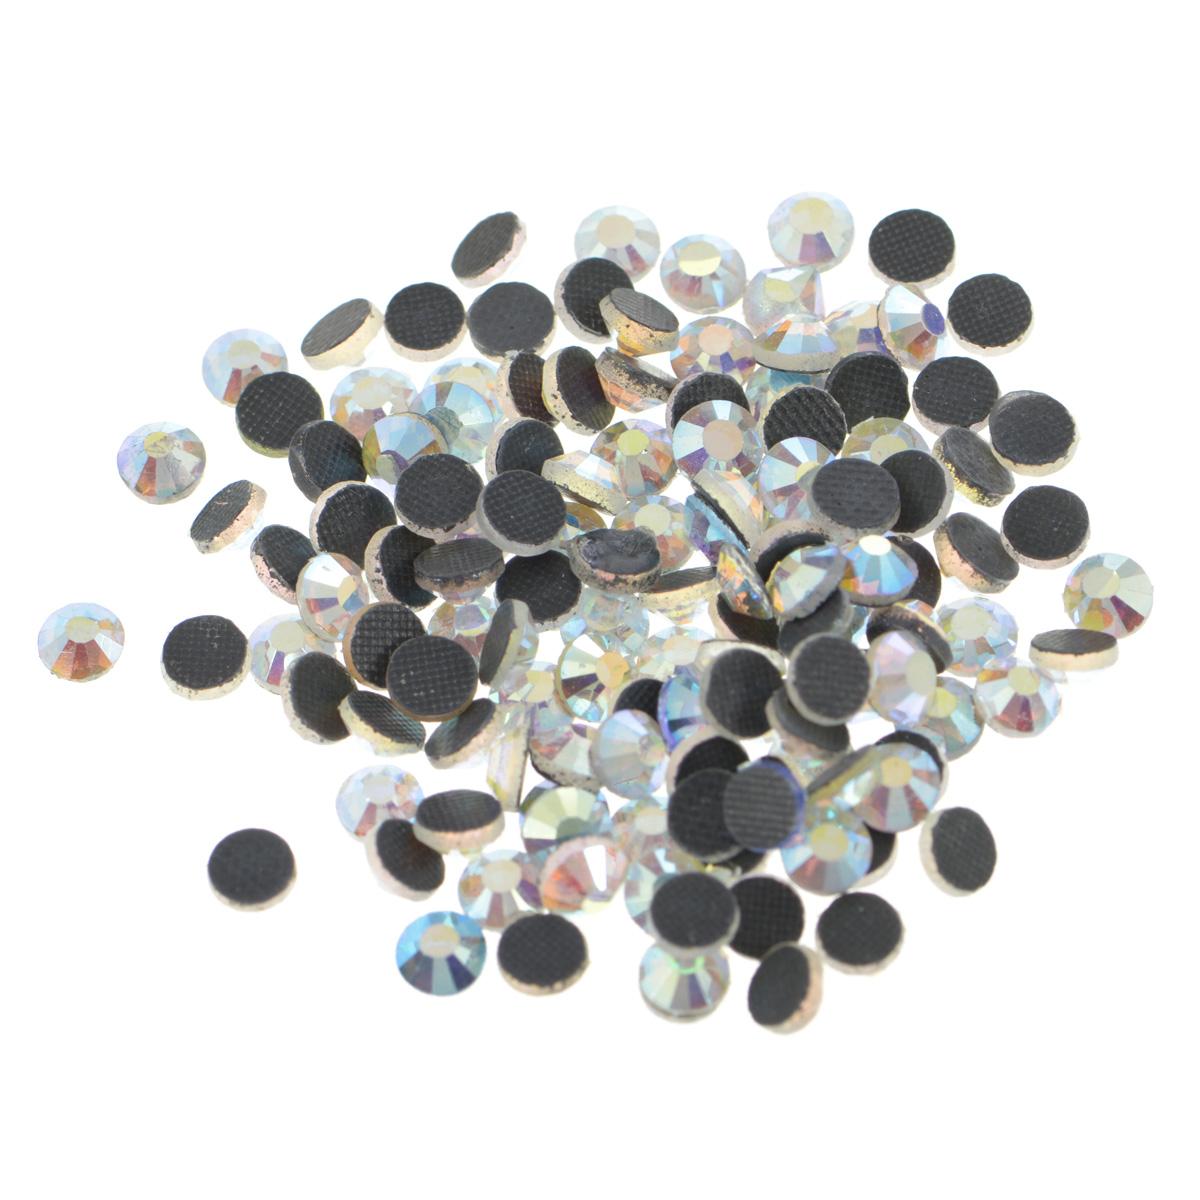 Стразы термоклеевые Cristal, цвет: белый (215АВ), диаметр 4,8 мм, 144 шт7706832_215АВНабор термоклеевых страз Cristal, изготовленный из высококачественного акрила, позволит вам украсить одежду, аксессуары или текстиль. Яркие стразы имеют плоское дно и круглую поверхность с гранями. Дно термоклеевых страз уже обработано особым клеем, который под воздействием высоких температур начинает плавиться, приклеиваясь, таким образом, к требуемой поверхности. Чаще всего их используют в текстильной промышленности: стразы прикладывают к ткани и проглаживают утюгом с обратной стороны. Также можно использовать специальный паяльник. Украшение стразами поможет сделать любую вещь оригинальной и неповторимой. Диаметр стразы: 4,8 мм.